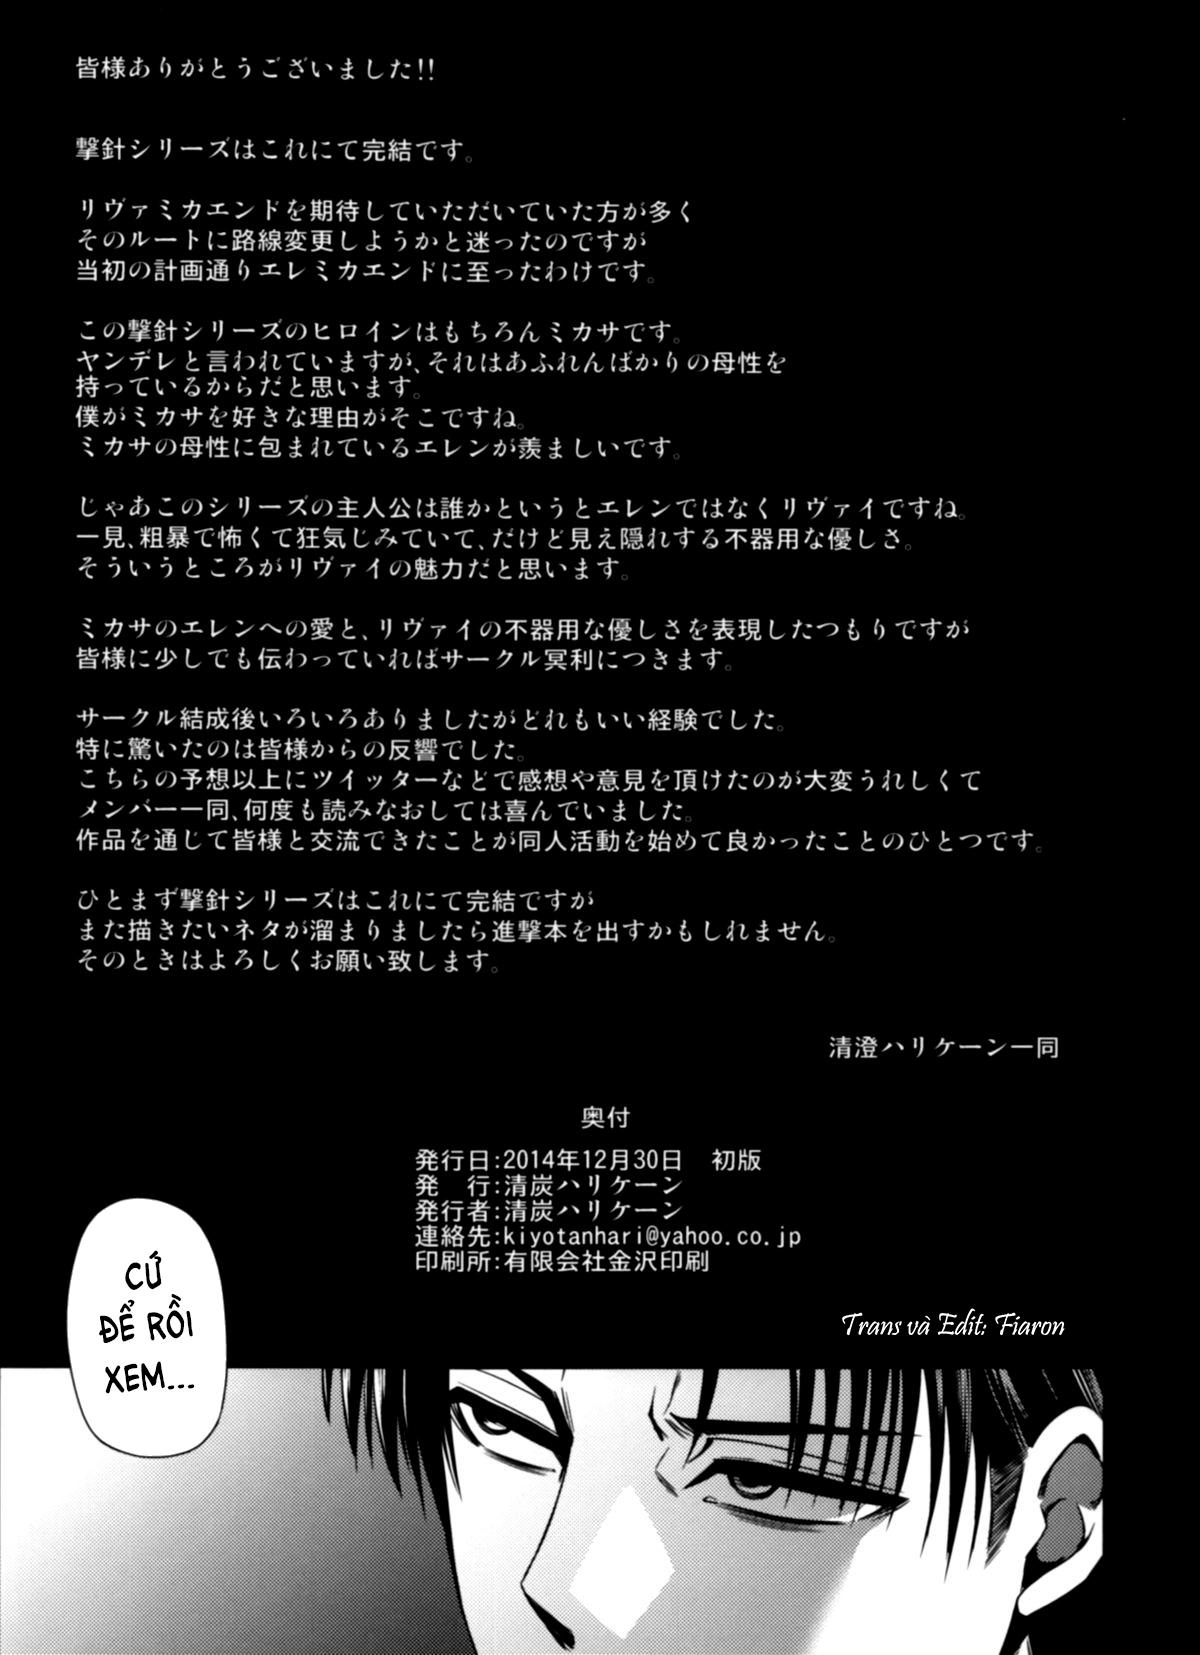 HentaiVN.net - Ảnh 42 - Gekishin (Attack on Titan) - Firing Pin - Gekishin Yon